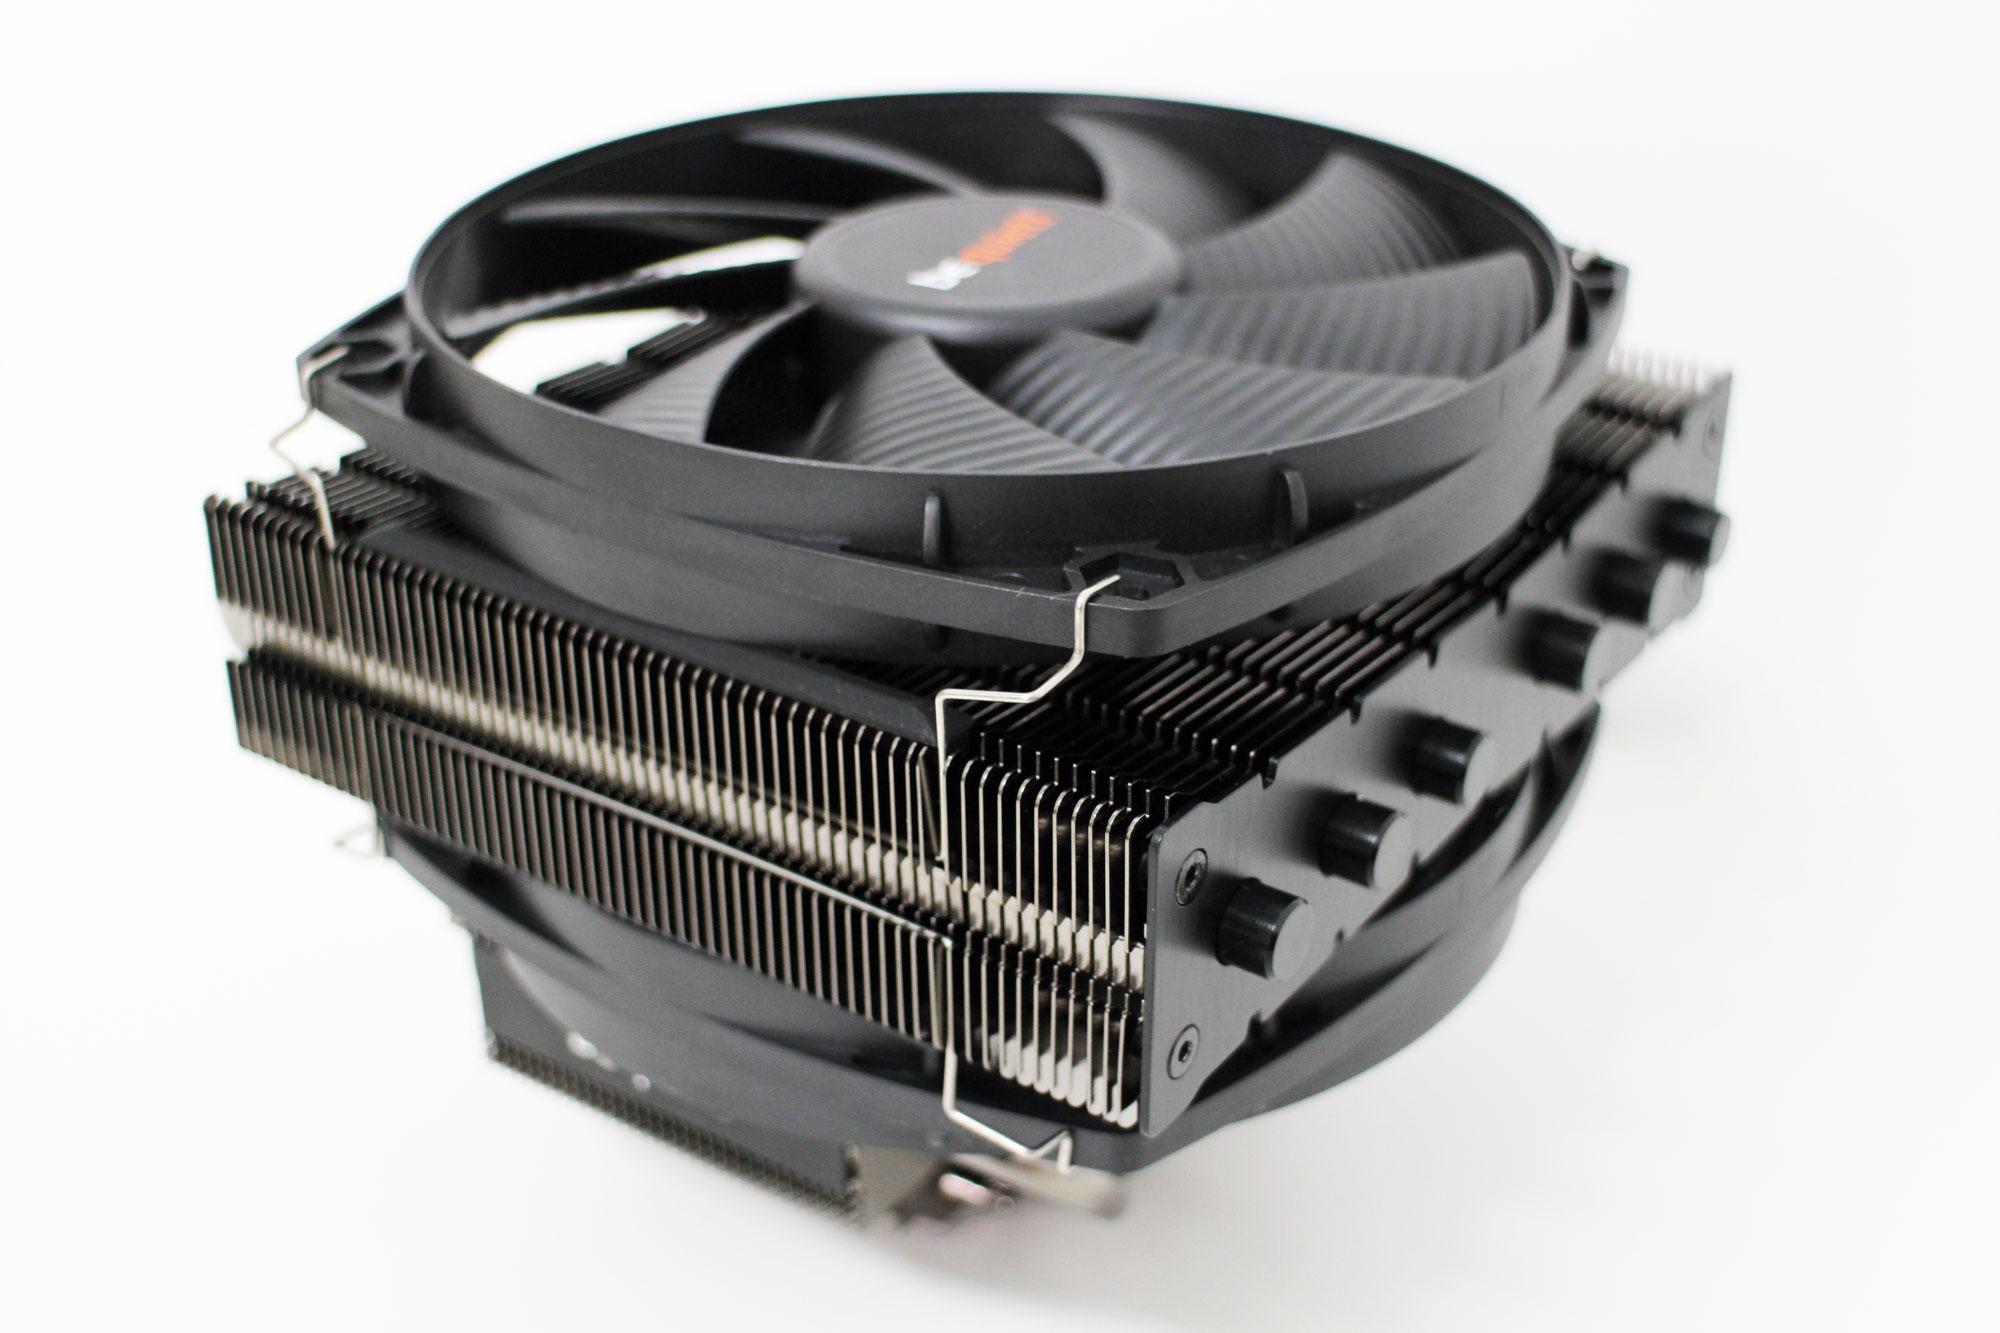 be quiet!於2015 CES展出兩款下吹式CPU散熱器